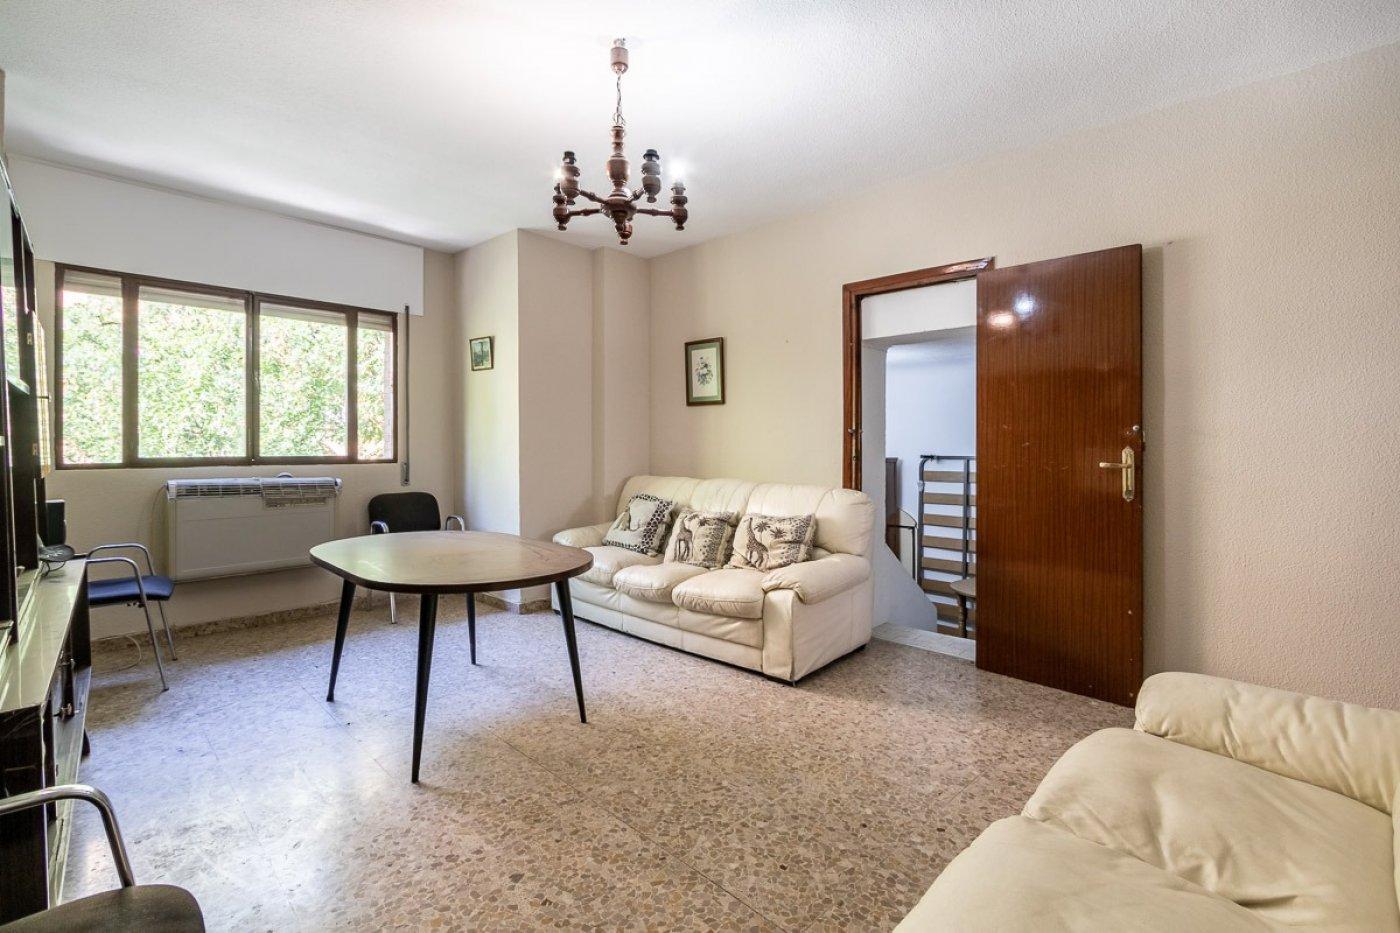 Real de cartuja. piso 4 dormitorios, baño y aseo junto campus universitario de cartuja